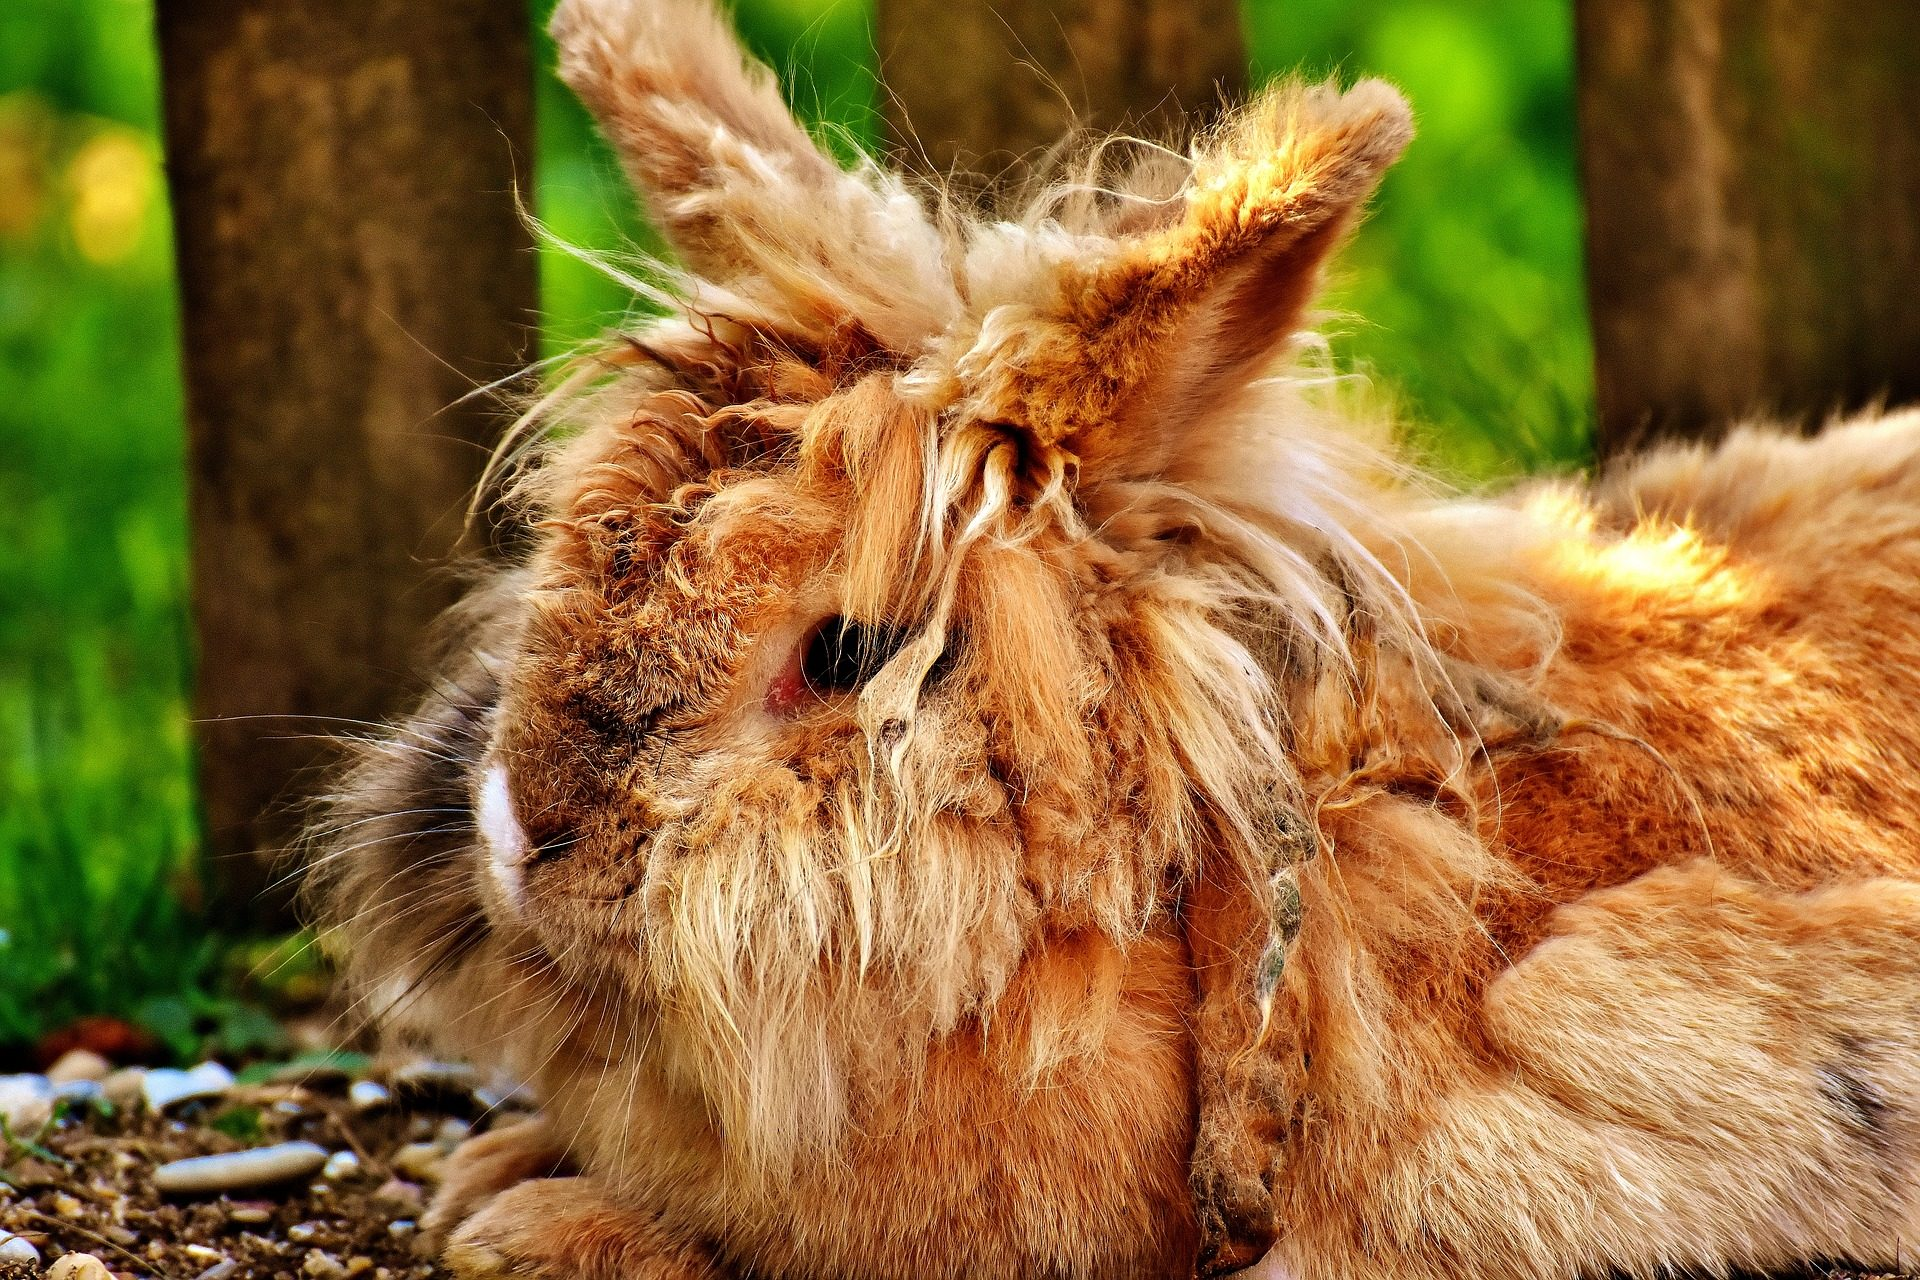 ウサギ, silvestre, 野生, 毛皮, 毛深い - HD の壁紙 - 教授-falken.com